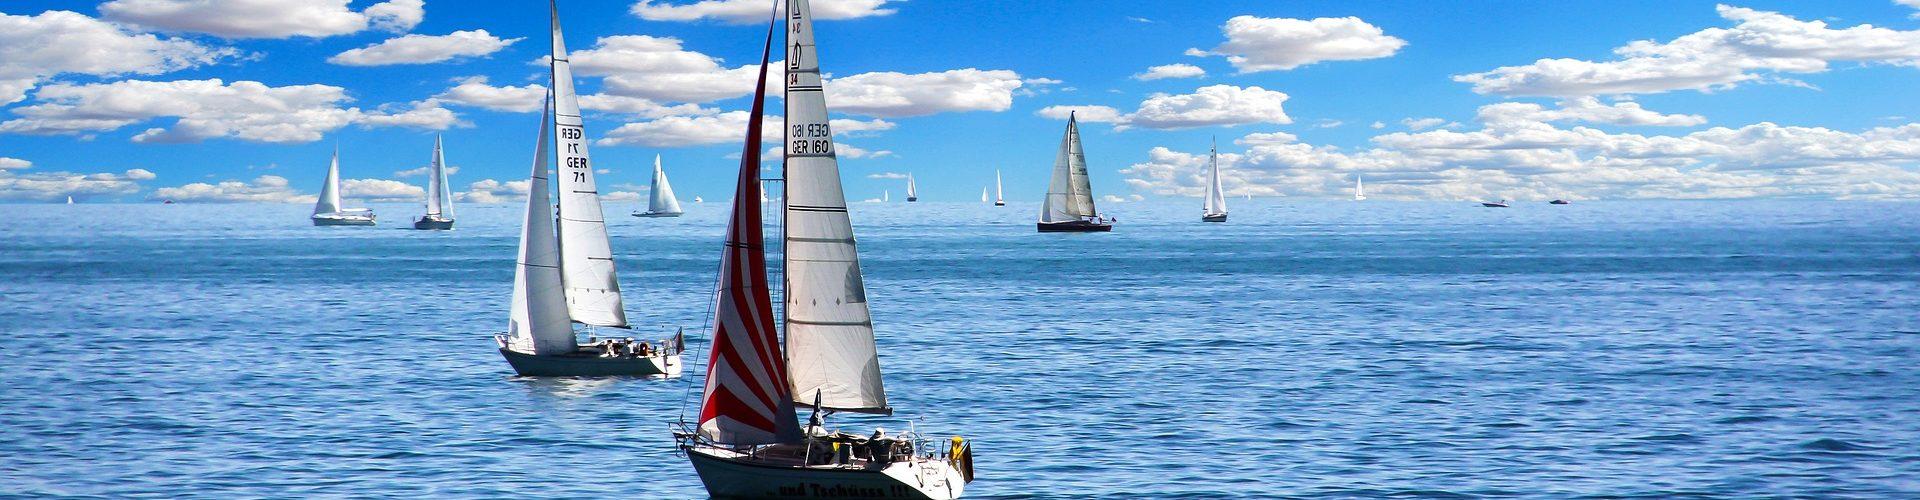 segeln lernen in Rotenburg Wümme segelschein machen in Rotenburg Wümme 1920x500 - Segeln lernen in Rotenburg (Wümme)